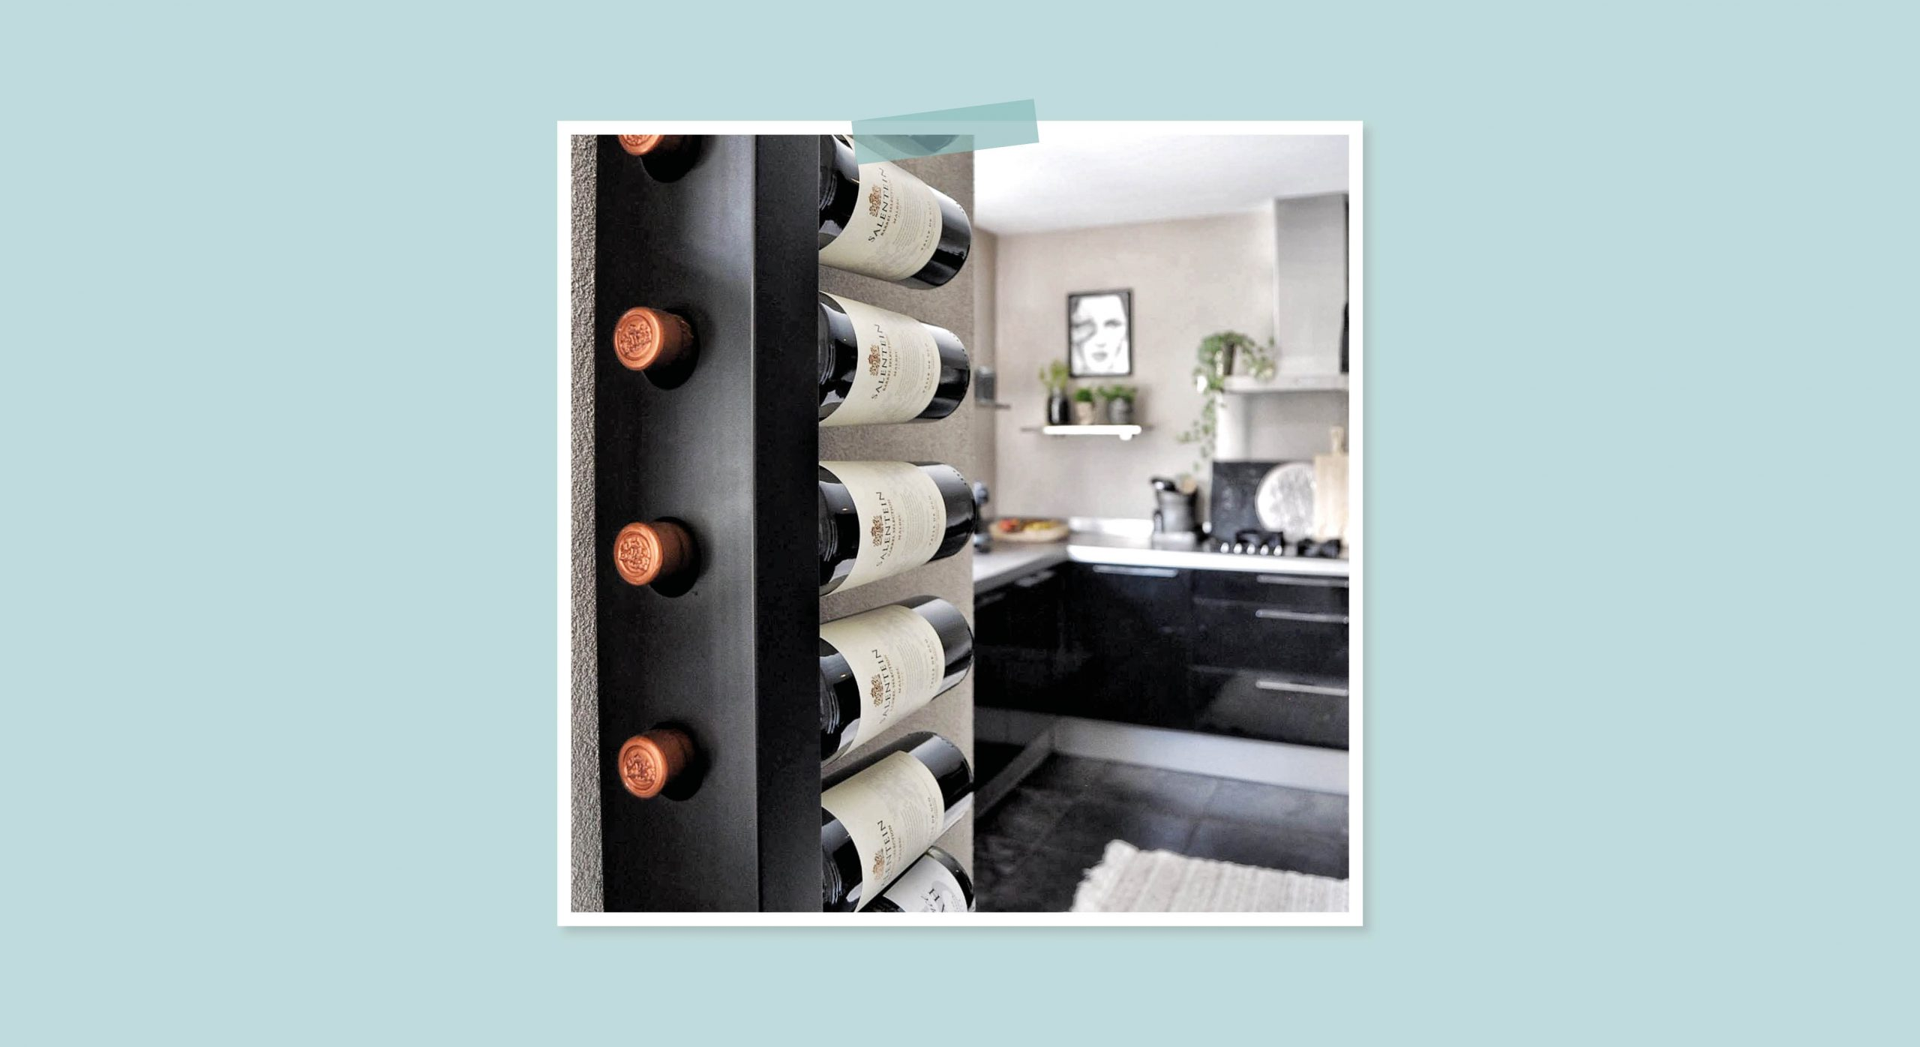 headerWijnmeubel scaled Wooninspiratie: creëer een tijdloze sfeer in jouw woonkamer met een uniek en op maat gemaakt wijnmeubel!